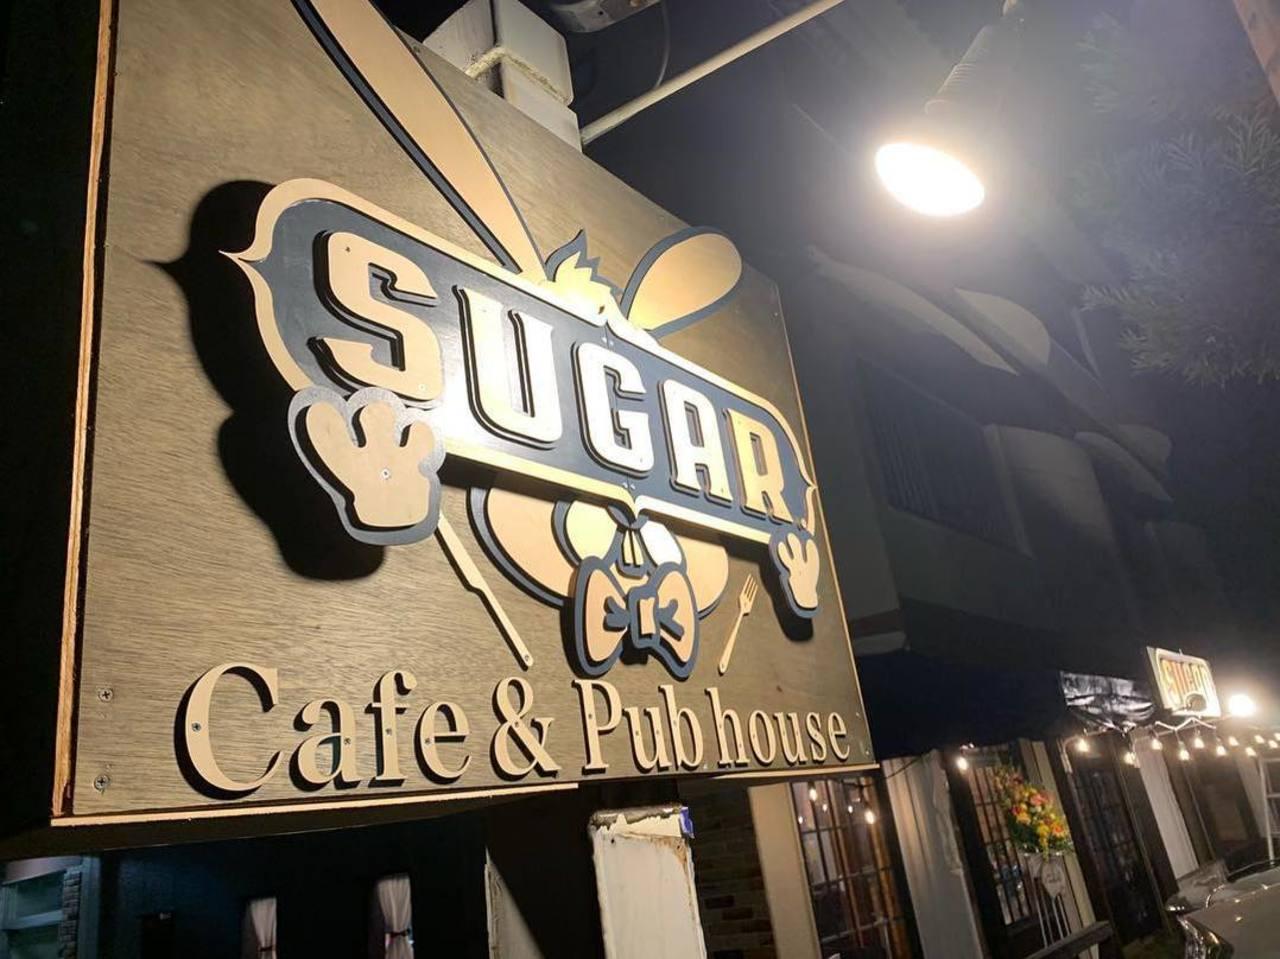 甘いひと時を...愛知県岩倉市中央町のカフェ&パブハウス「シュガー」